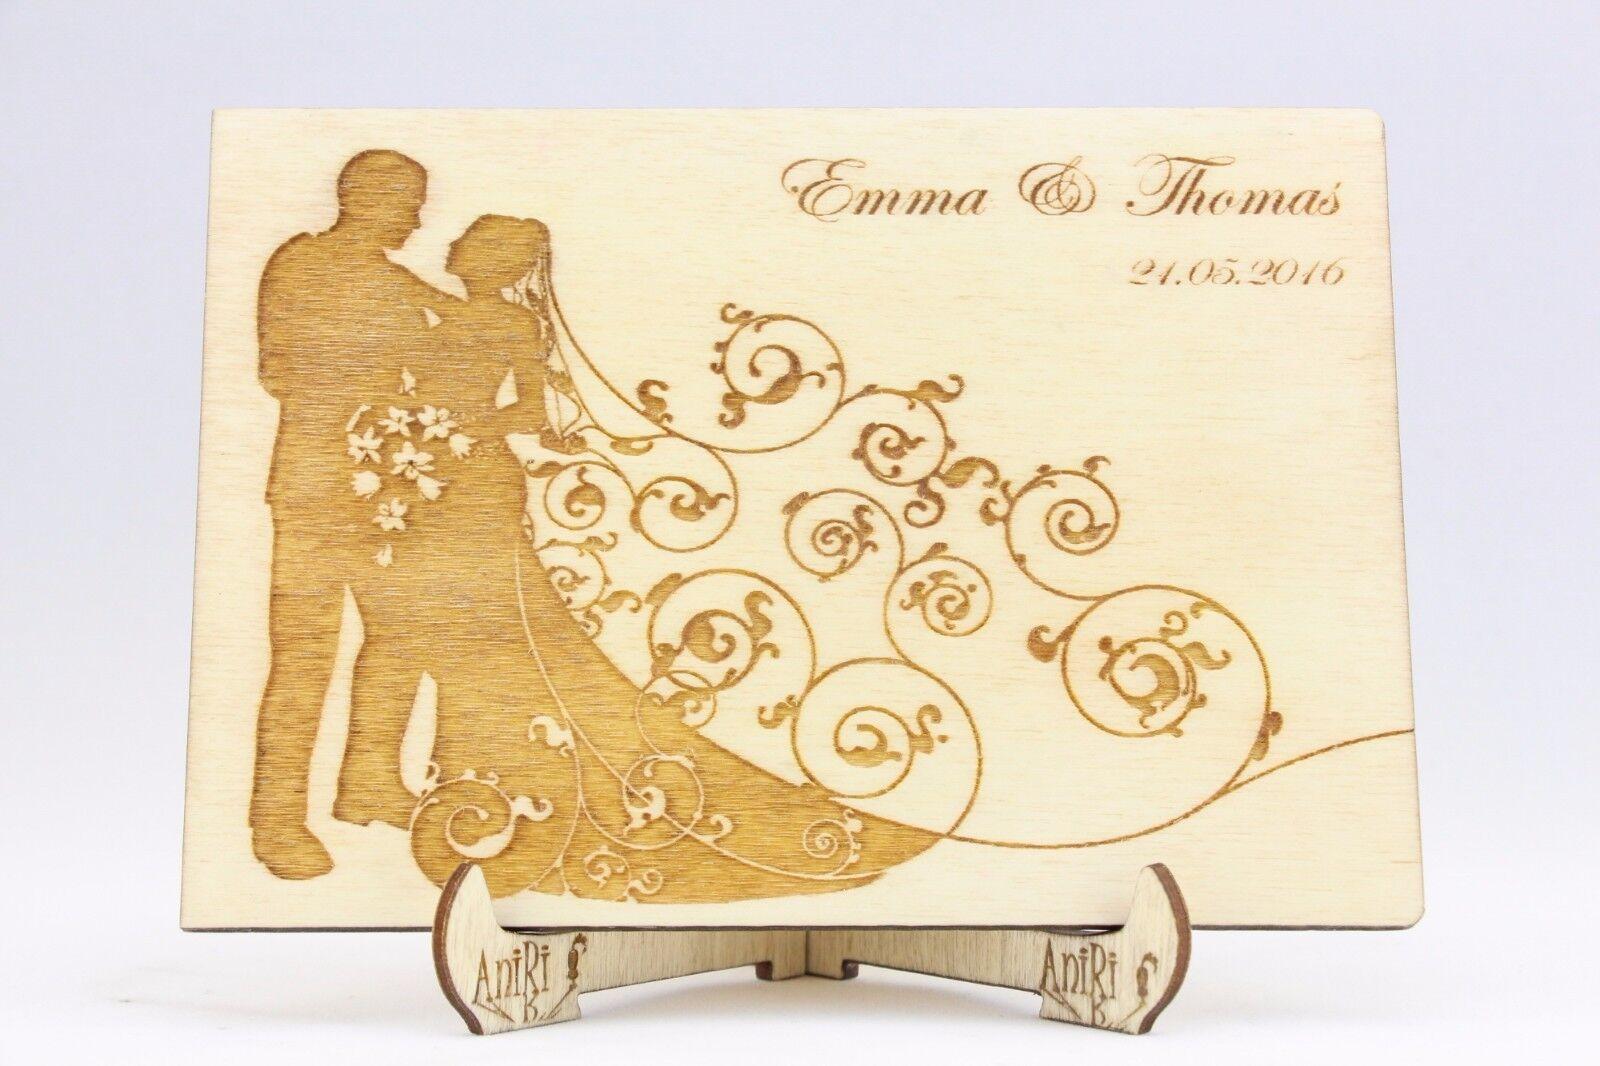 Personalisiert Fotoalbum, Holz, Hochzeit, Ehepaar, Album, Alben, Fotos | Verschiedene Stile und Stile  | Shop Düsseldorf  | Großer Räumungsverkauf